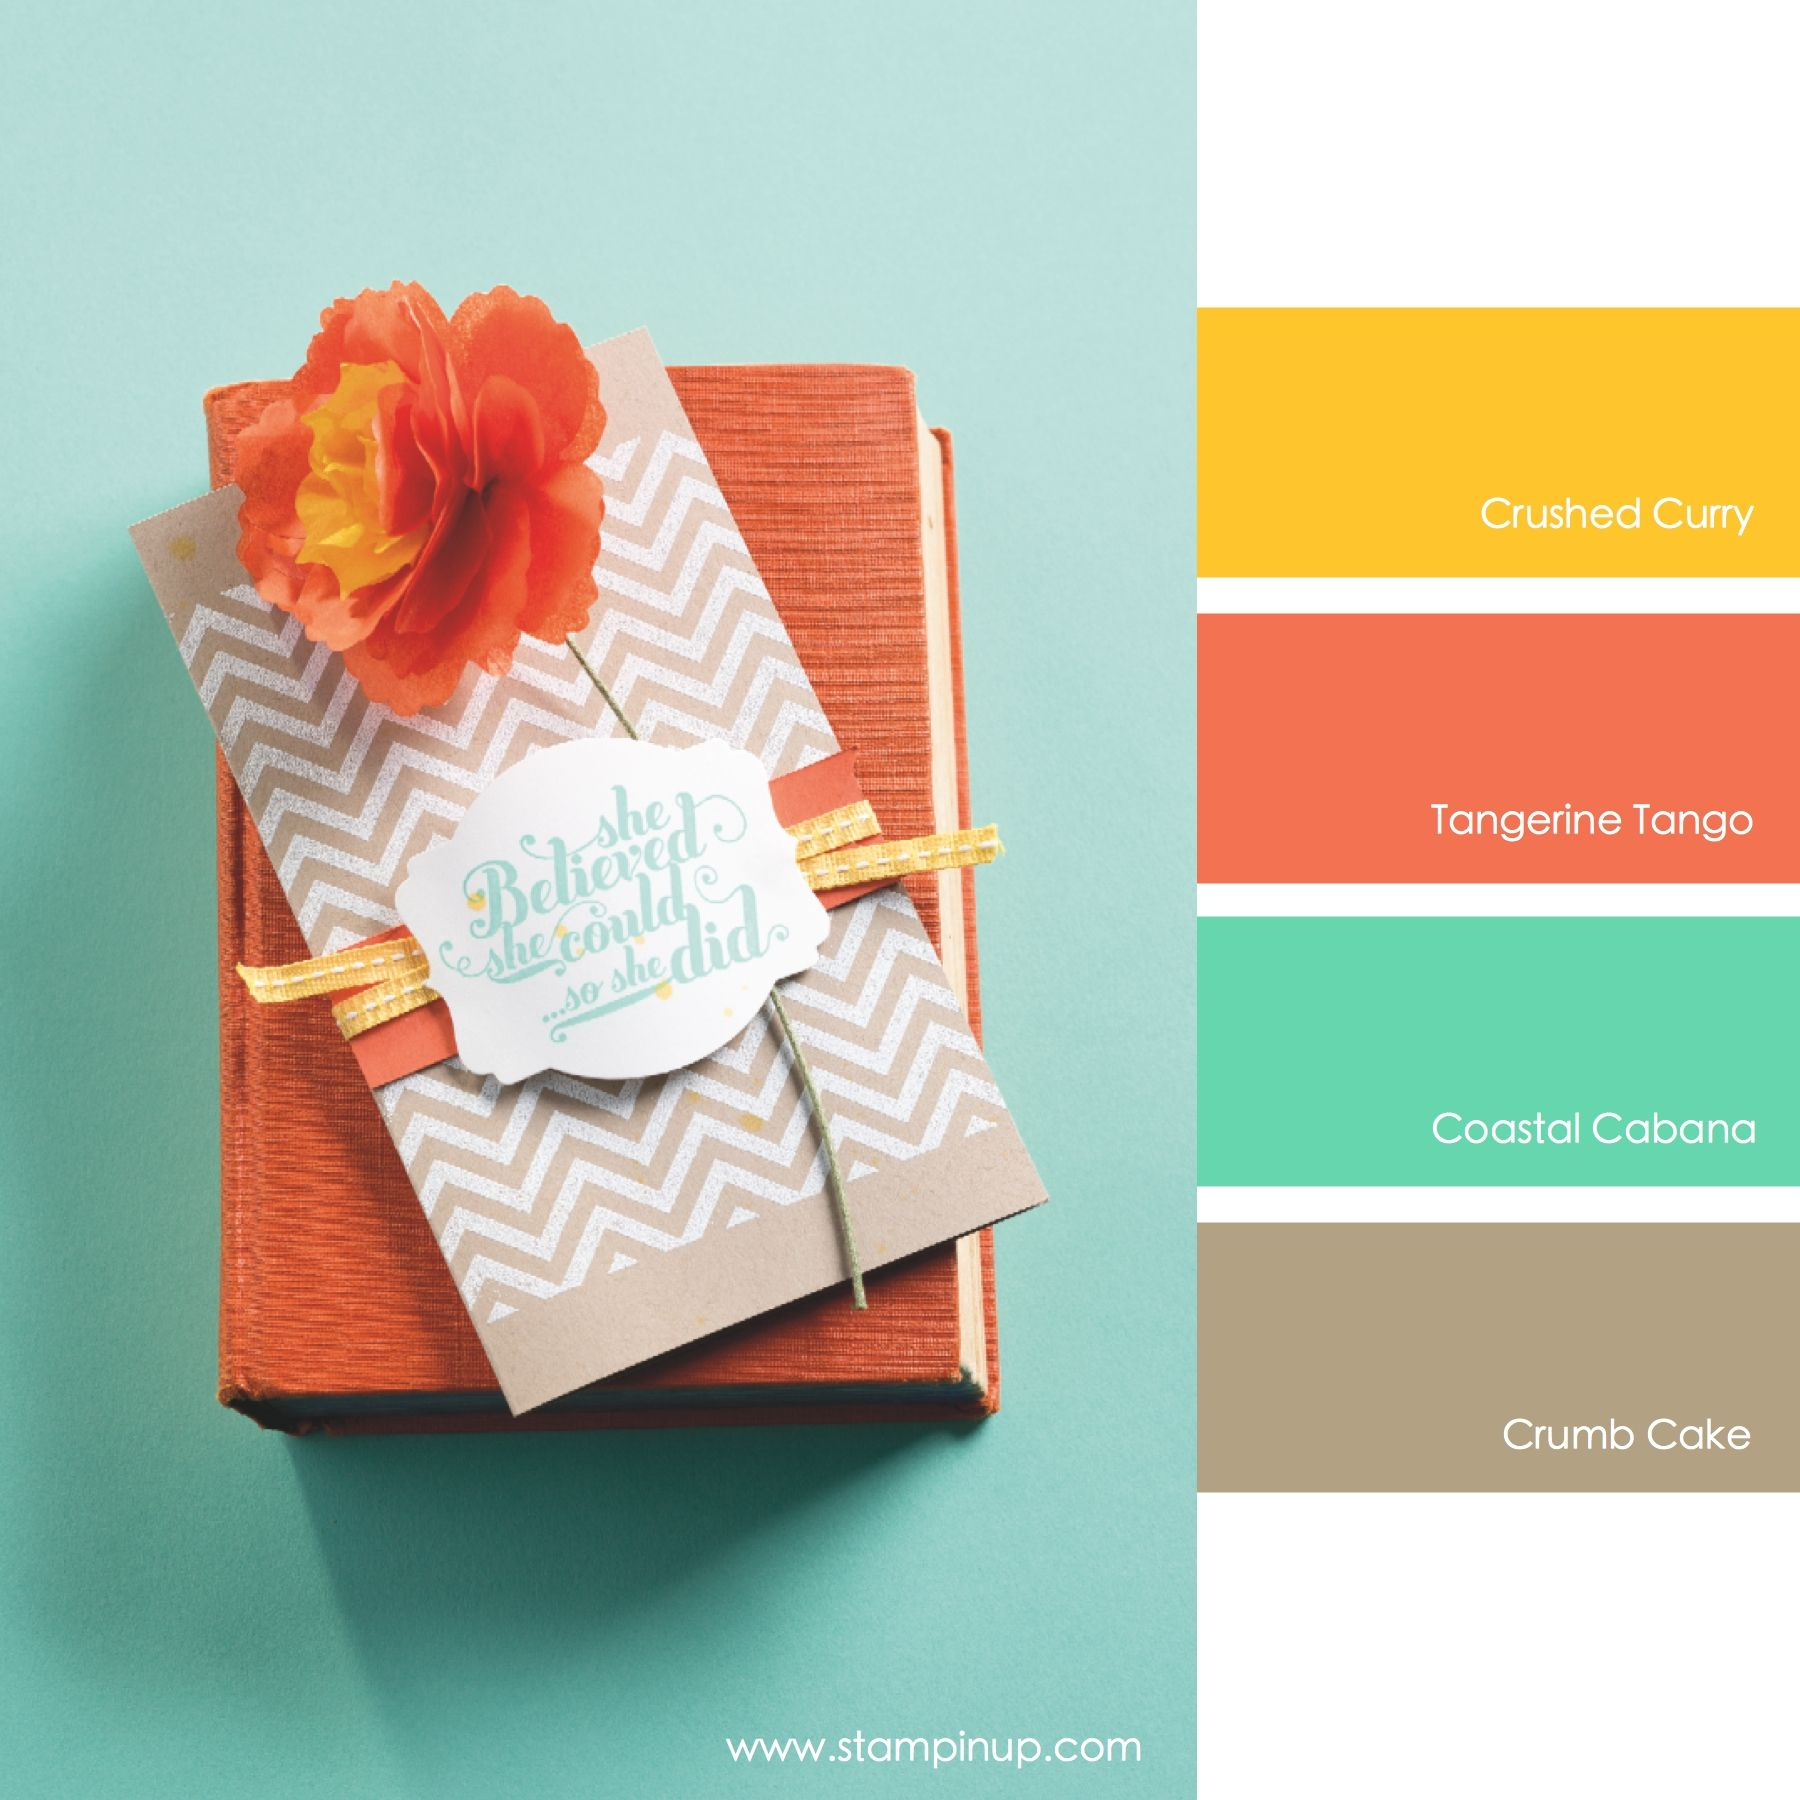 Stampin' Up! Color Combo: Crushed Curry, Tangerine Tango, Coastal Cabana, Crumb Cake #stampinupcolorcombos